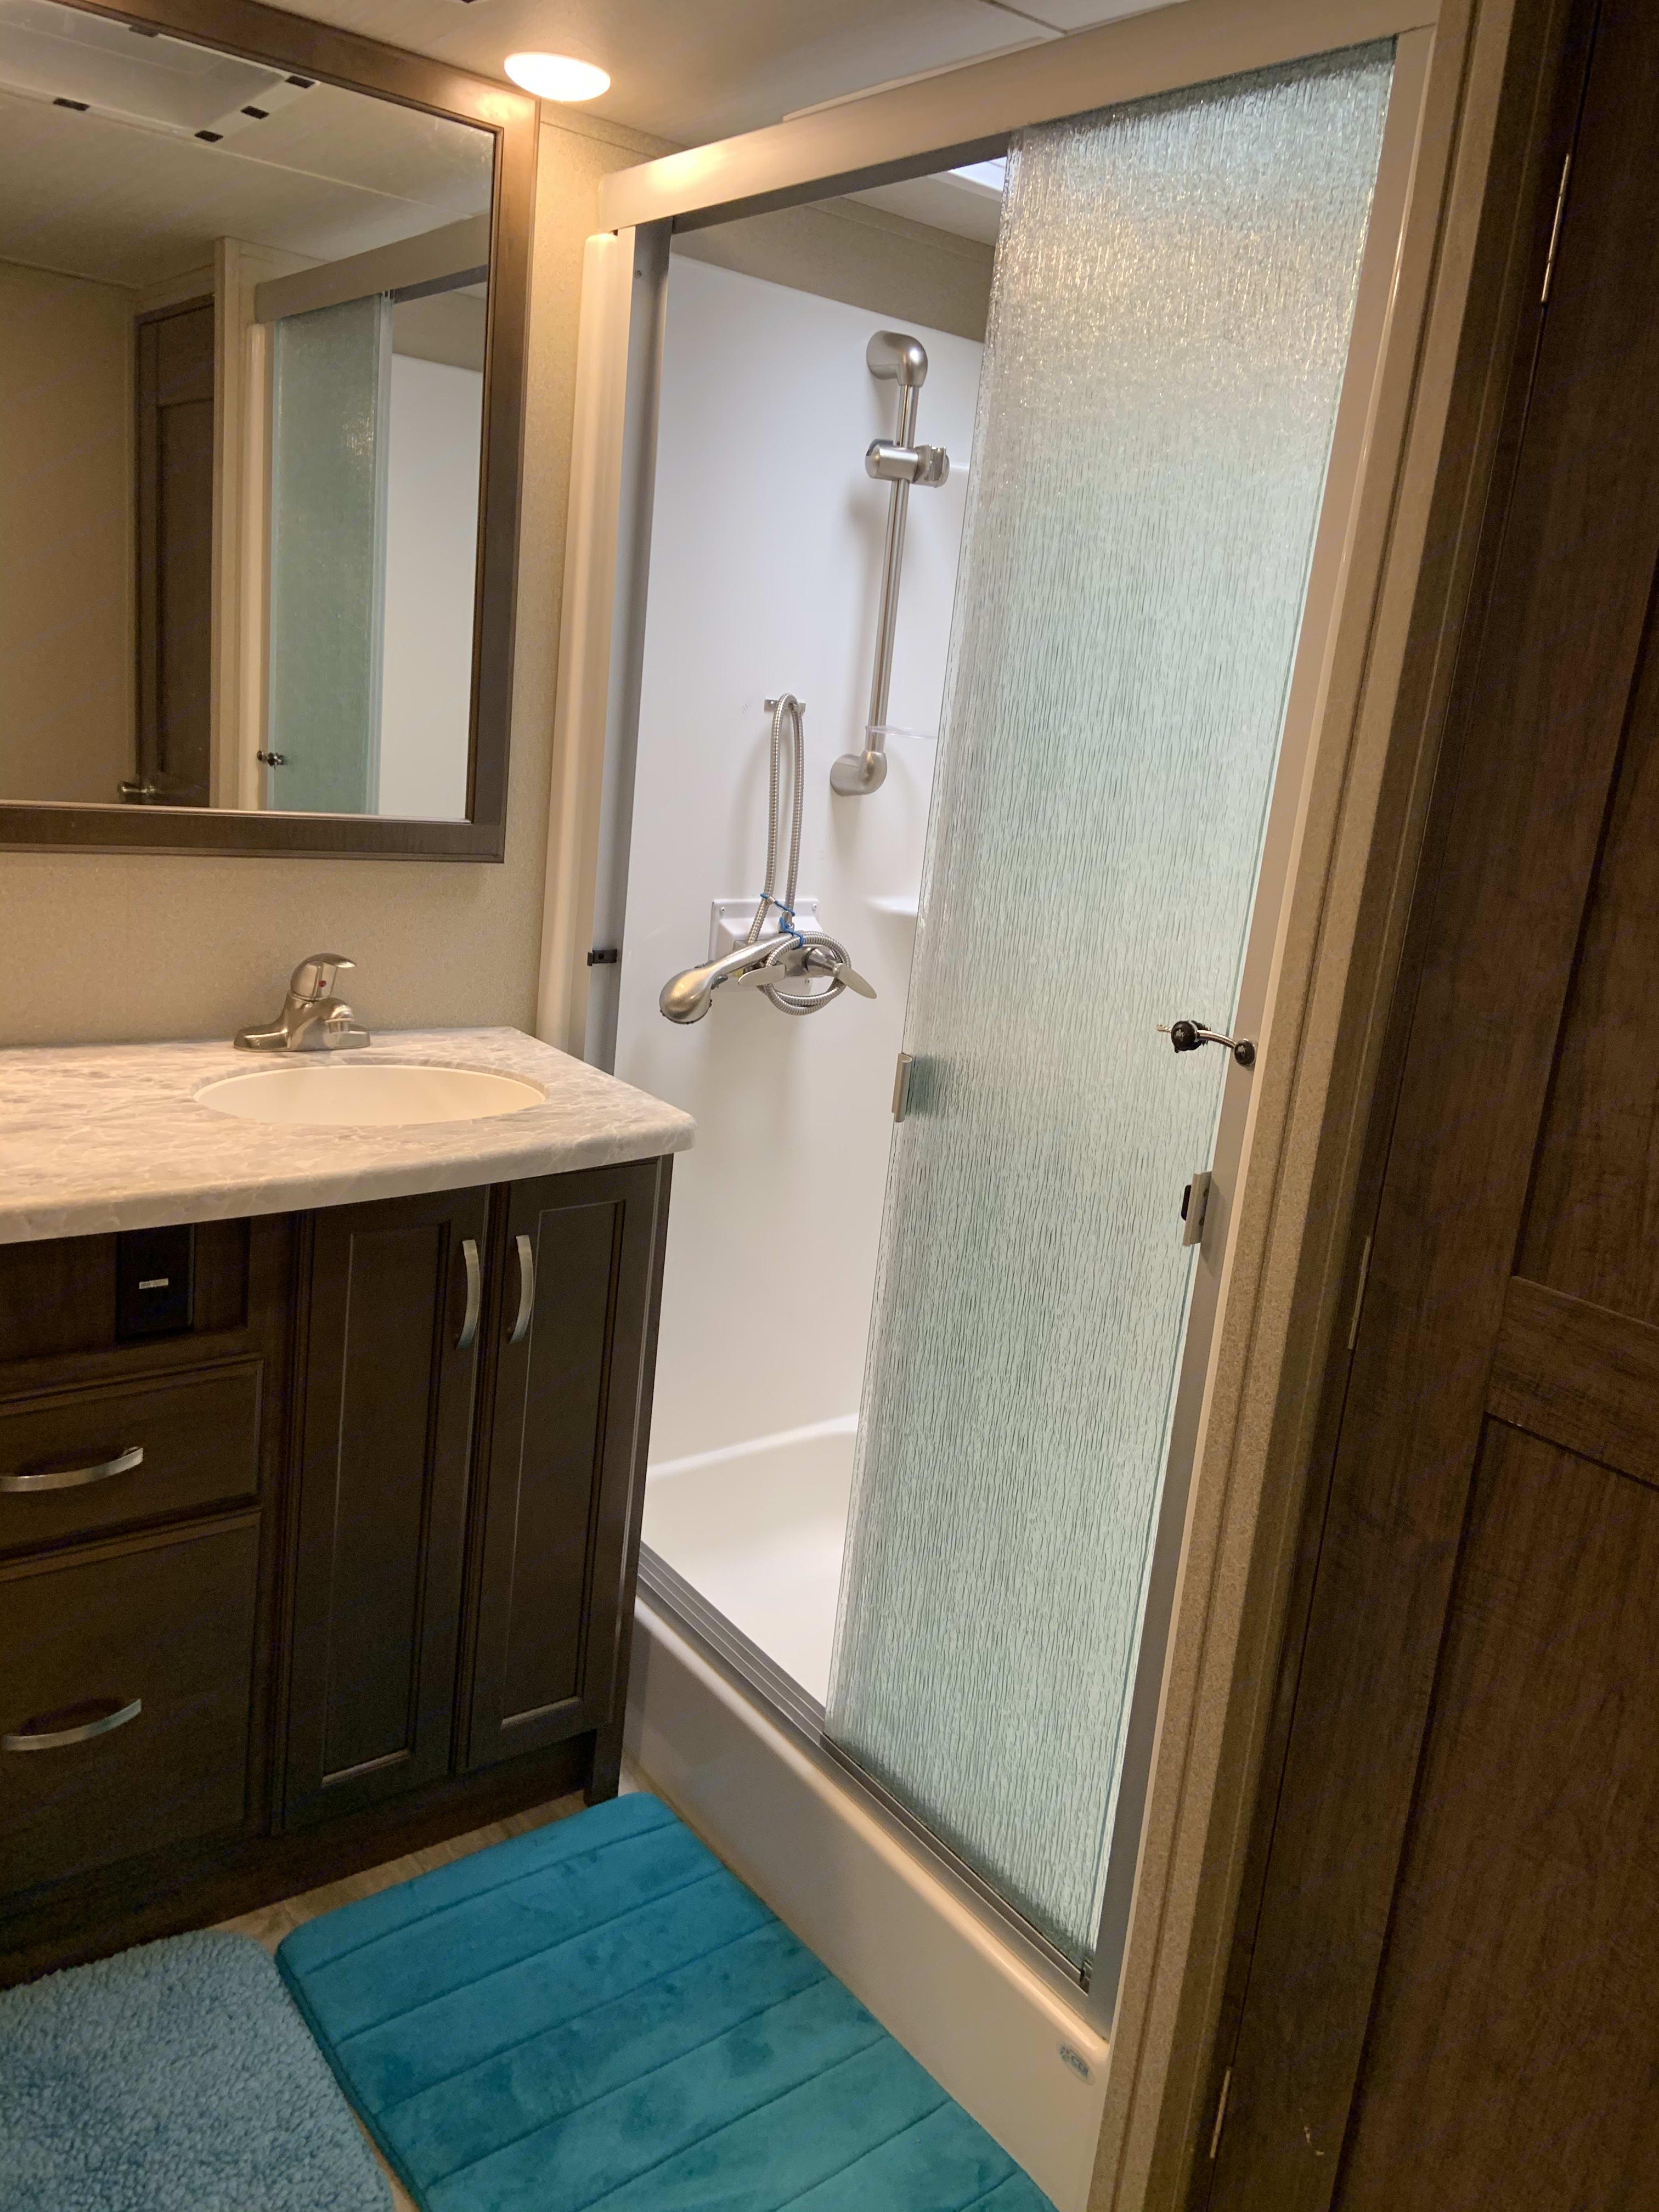 Full shower. Grand Design Solitude 2019